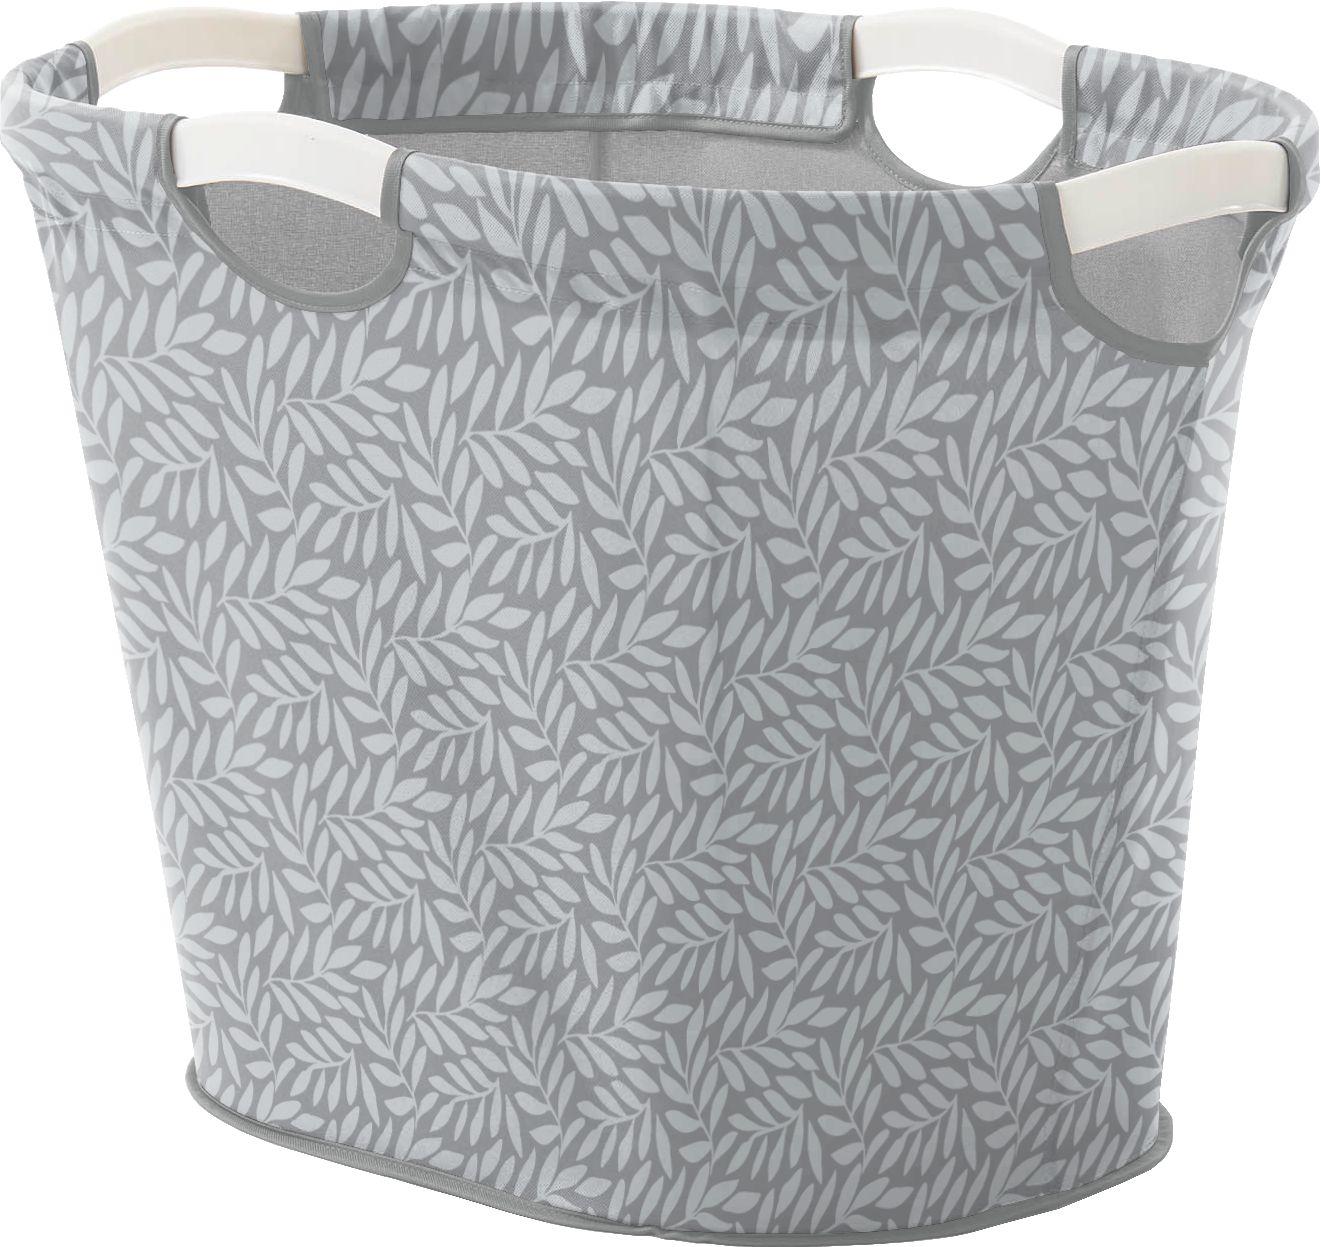 Neatfreak Extra Large Laundry Basket Walmart Canada